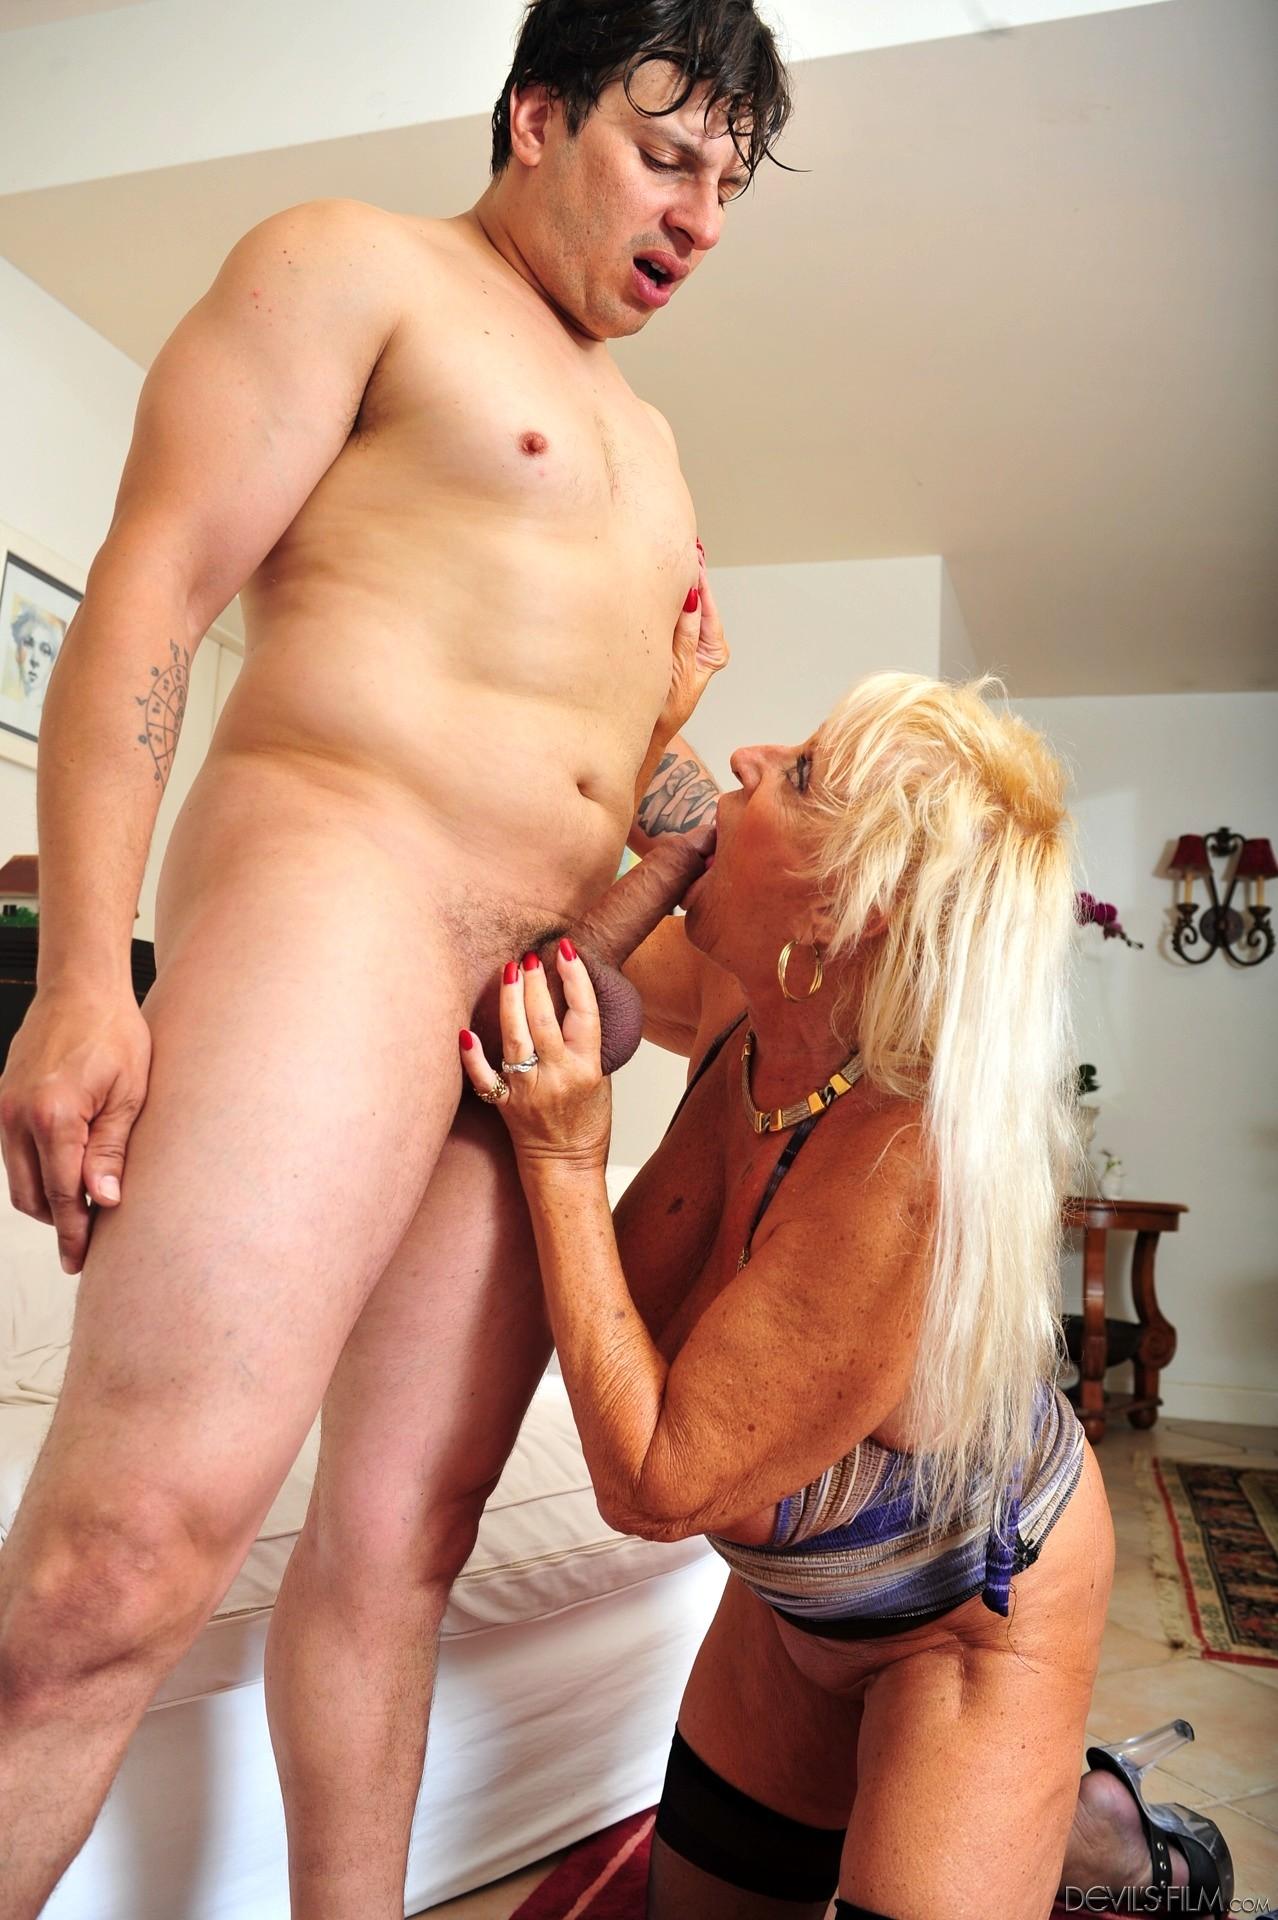 Devils Film Mandi Mcgraw High Level Granny Sexpartner Sex -4431